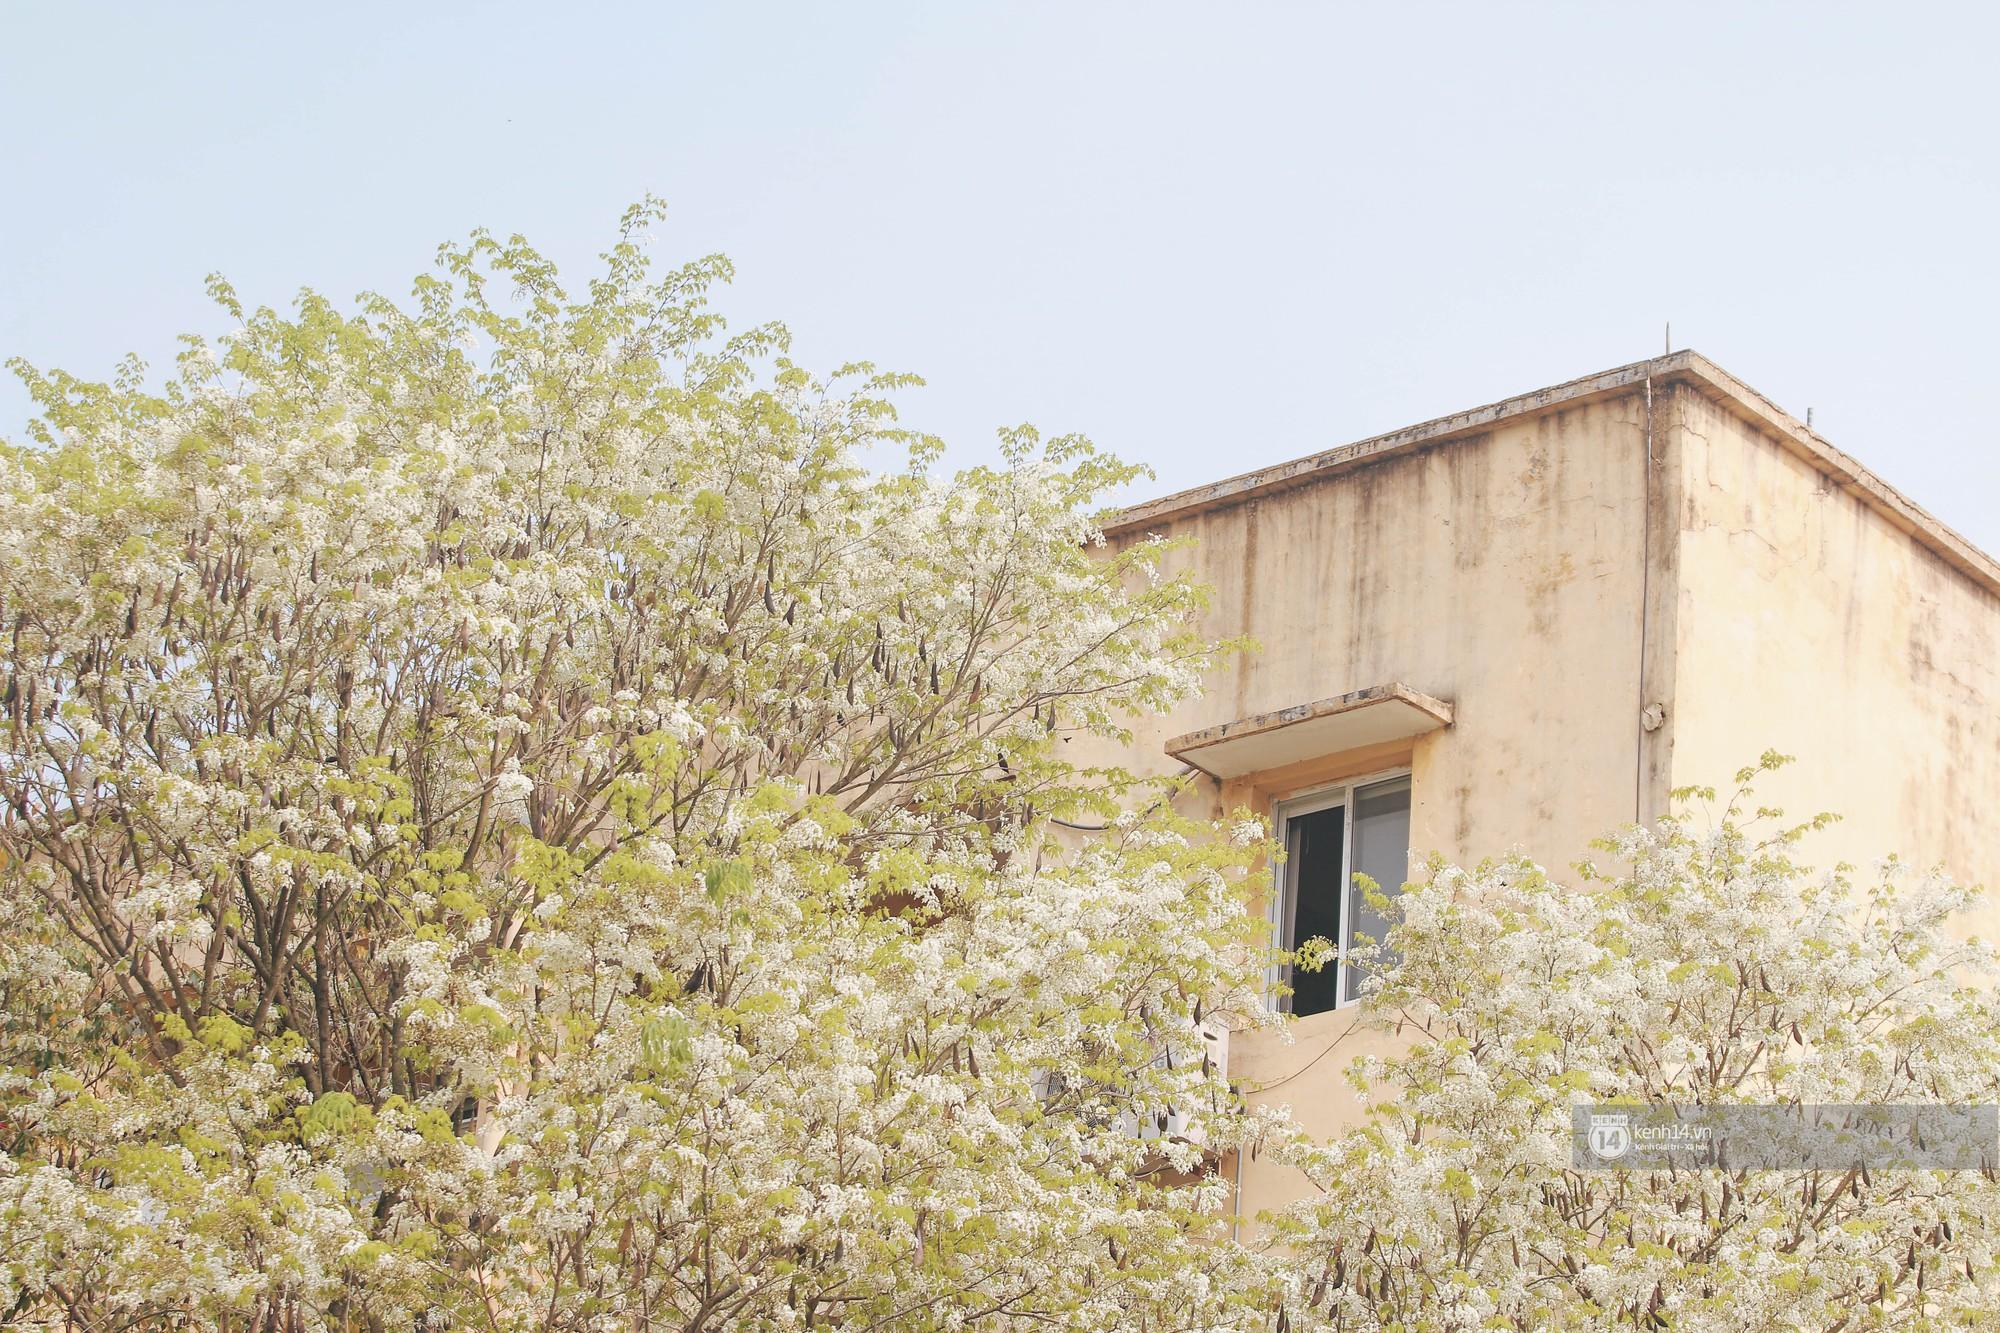 Đây là Hà Nội, của những ngày hoa sưa tinh khôi phủ trắng trời như tuyết - Ảnh 12.